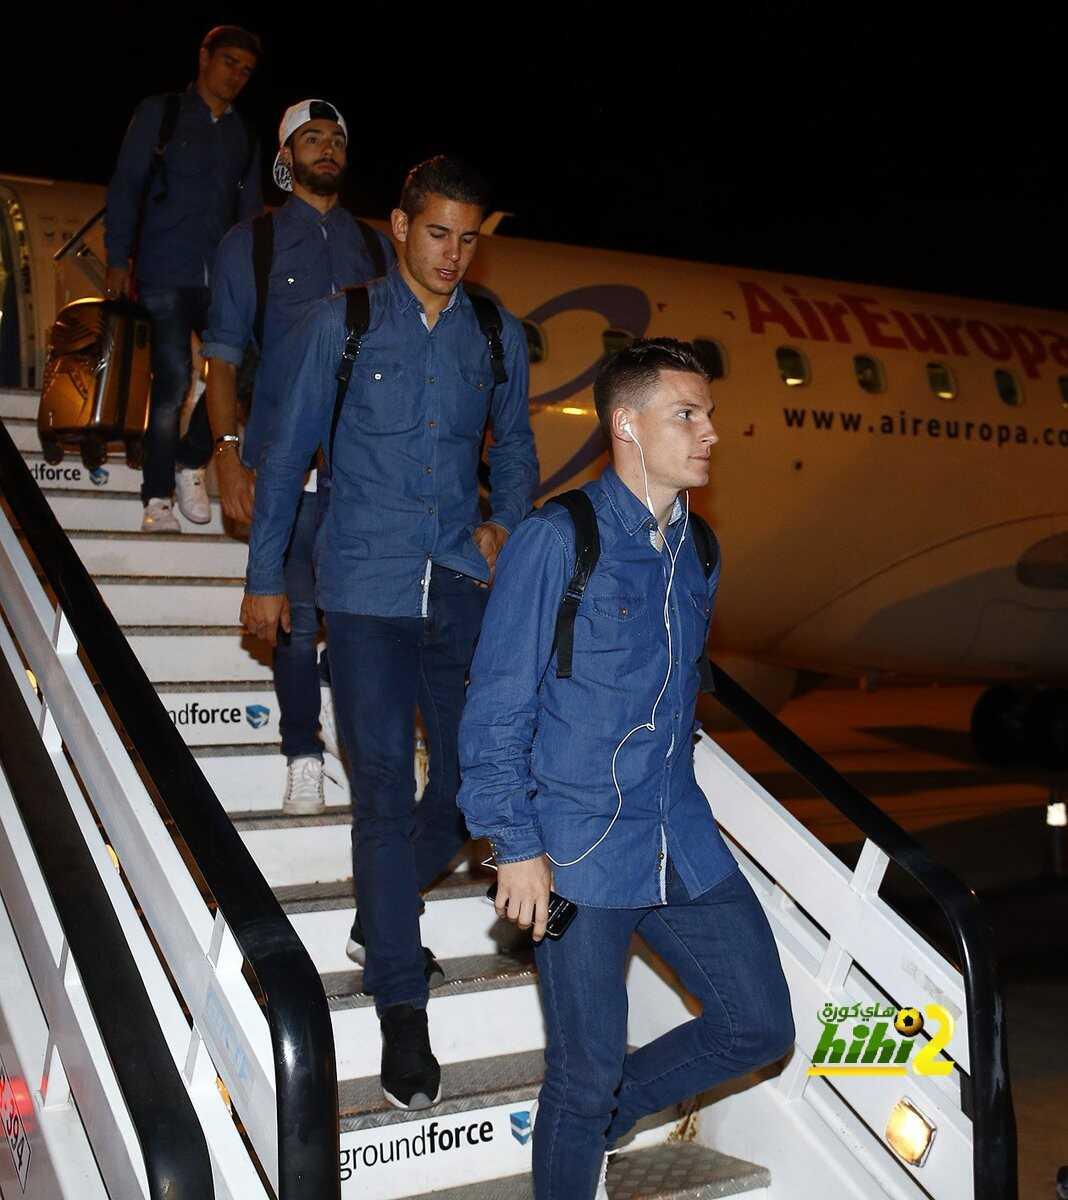 صور : وصول نجوم أتلتيكو إلى برشلونة استعدادا لمباراة القمة coobra.net